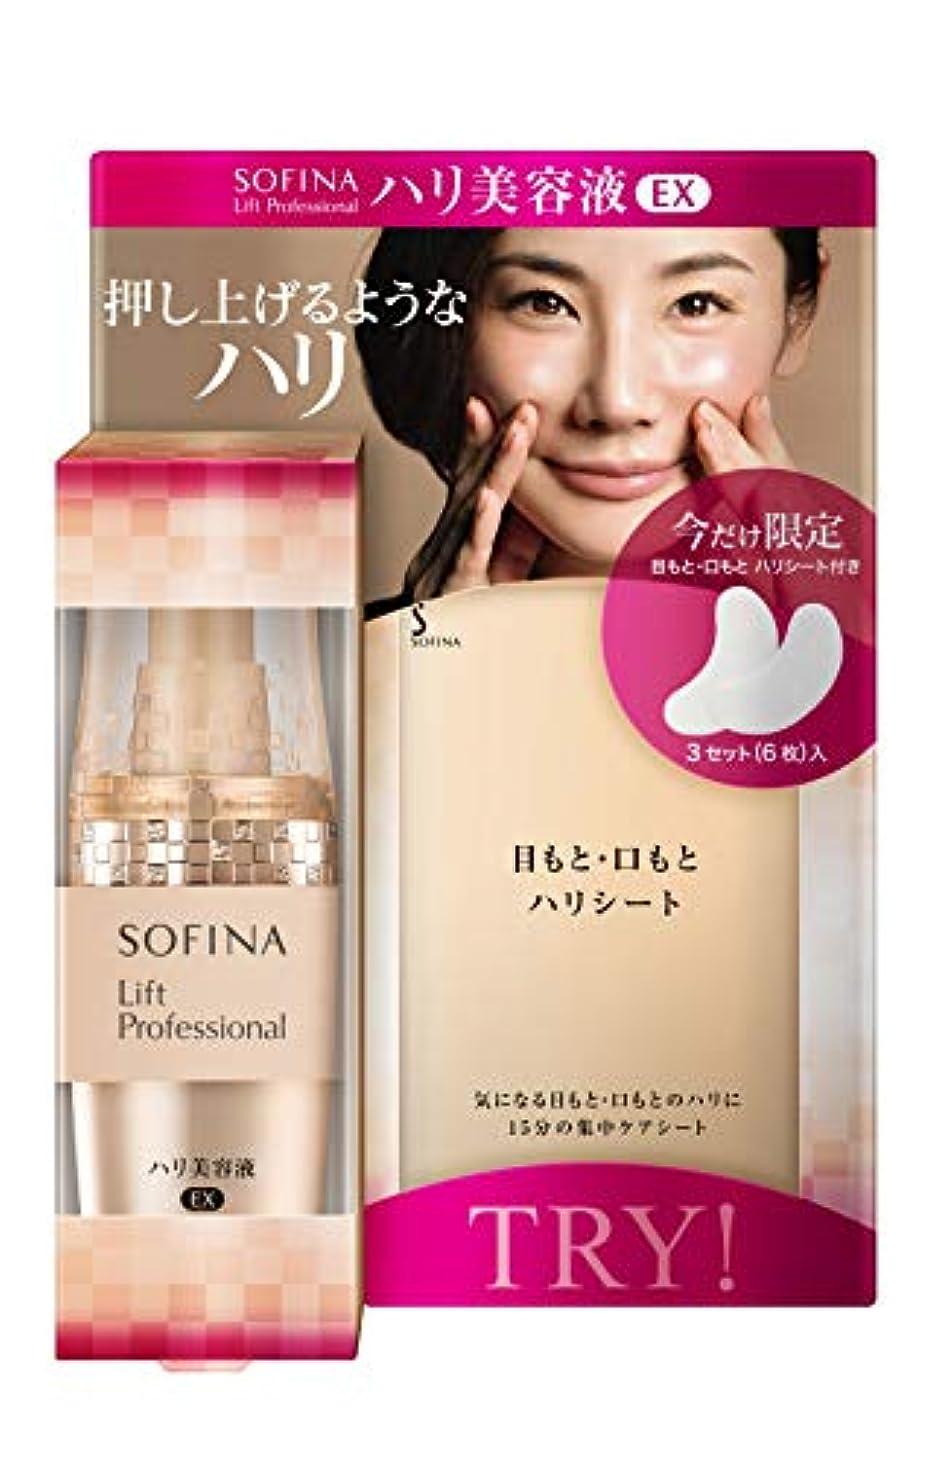 広がり台無しに乳製品ソフィーナ リフトプロフェッショナル ハリ美容液EX 目もと口もとハリシート付